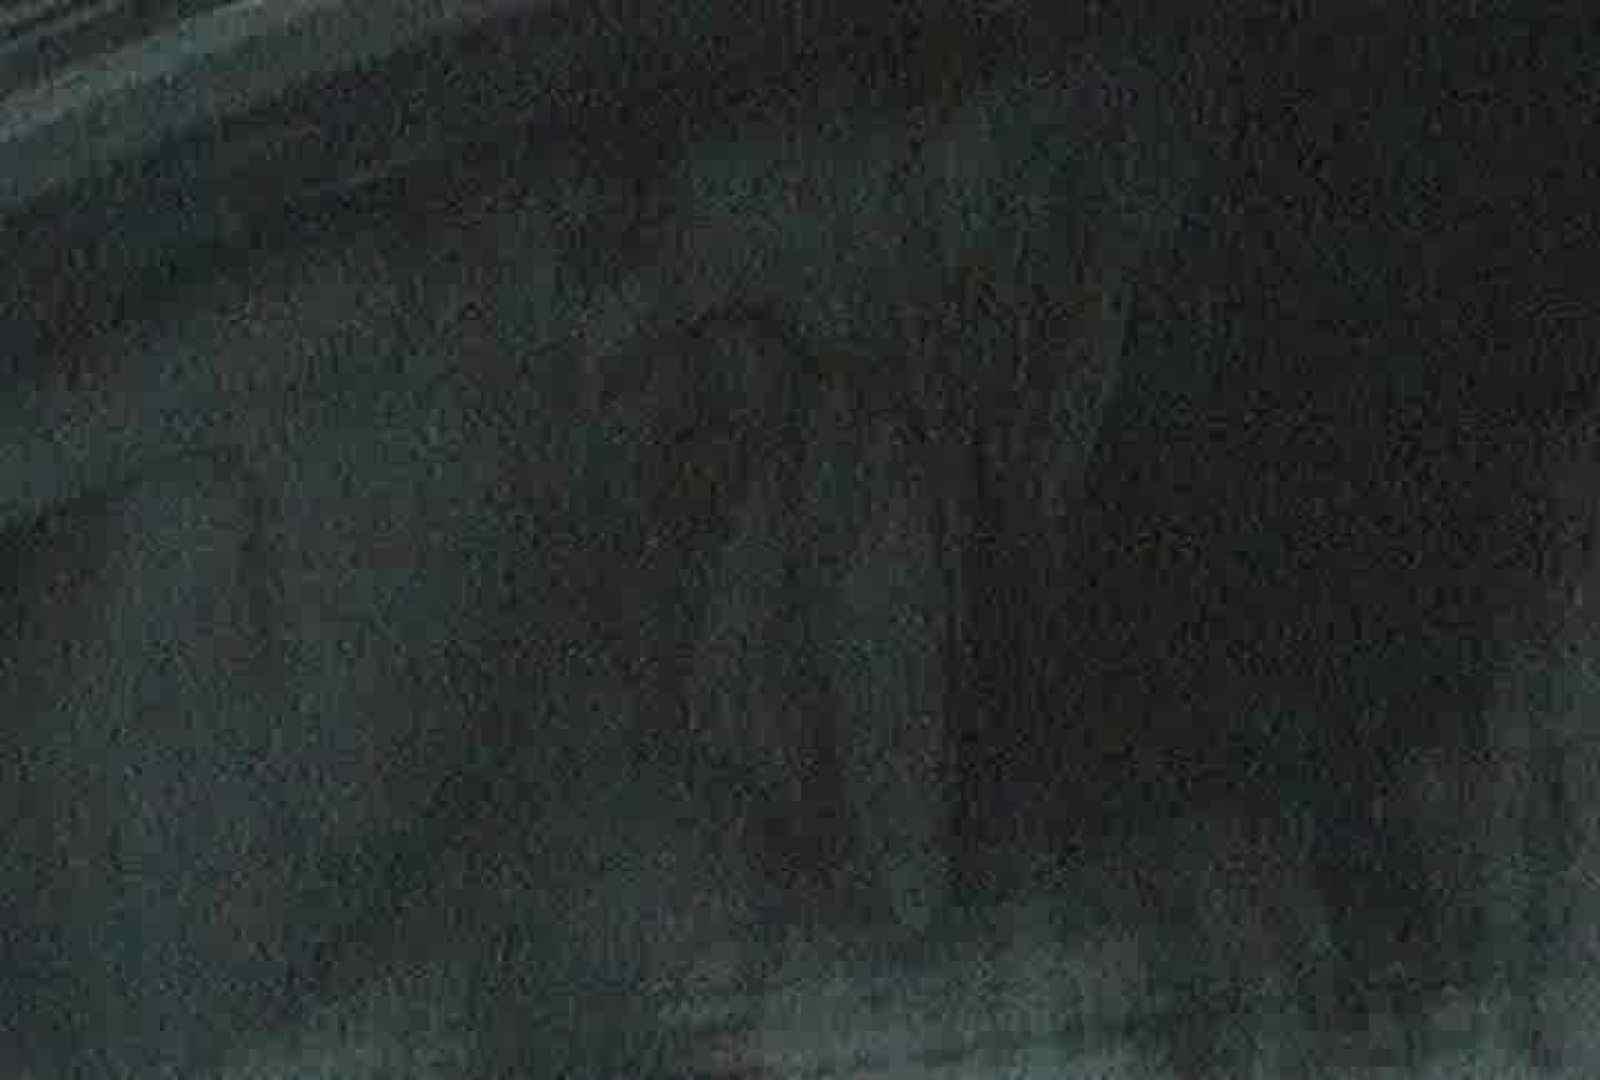 充血監督の深夜の運動会Vol.73 OLセックス 盗撮われめAV動画紹介 49画像 11